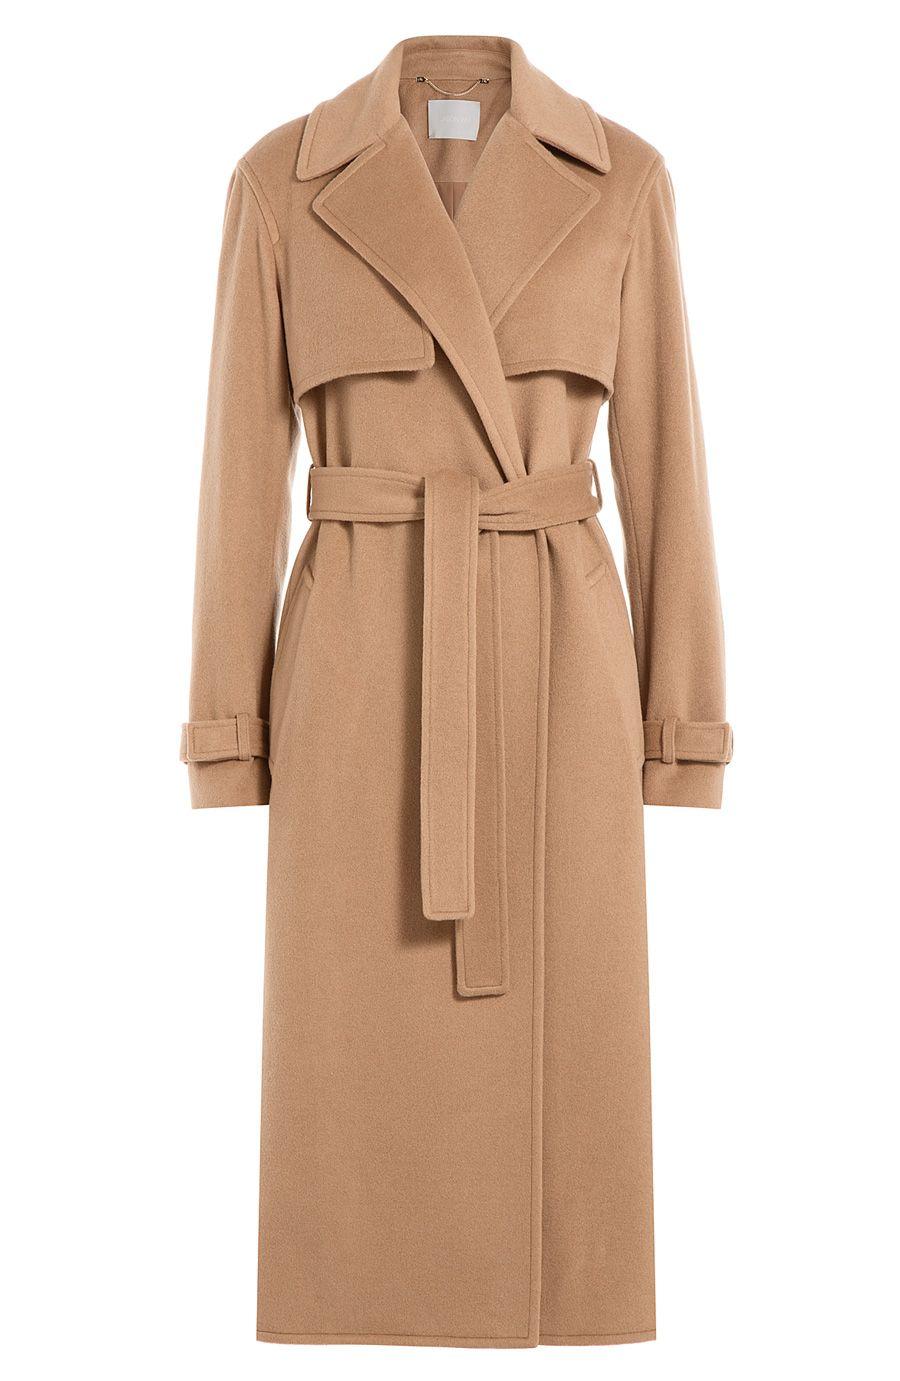 2020 Nice New Causl Women Trench Woolen Coat Winter Slim